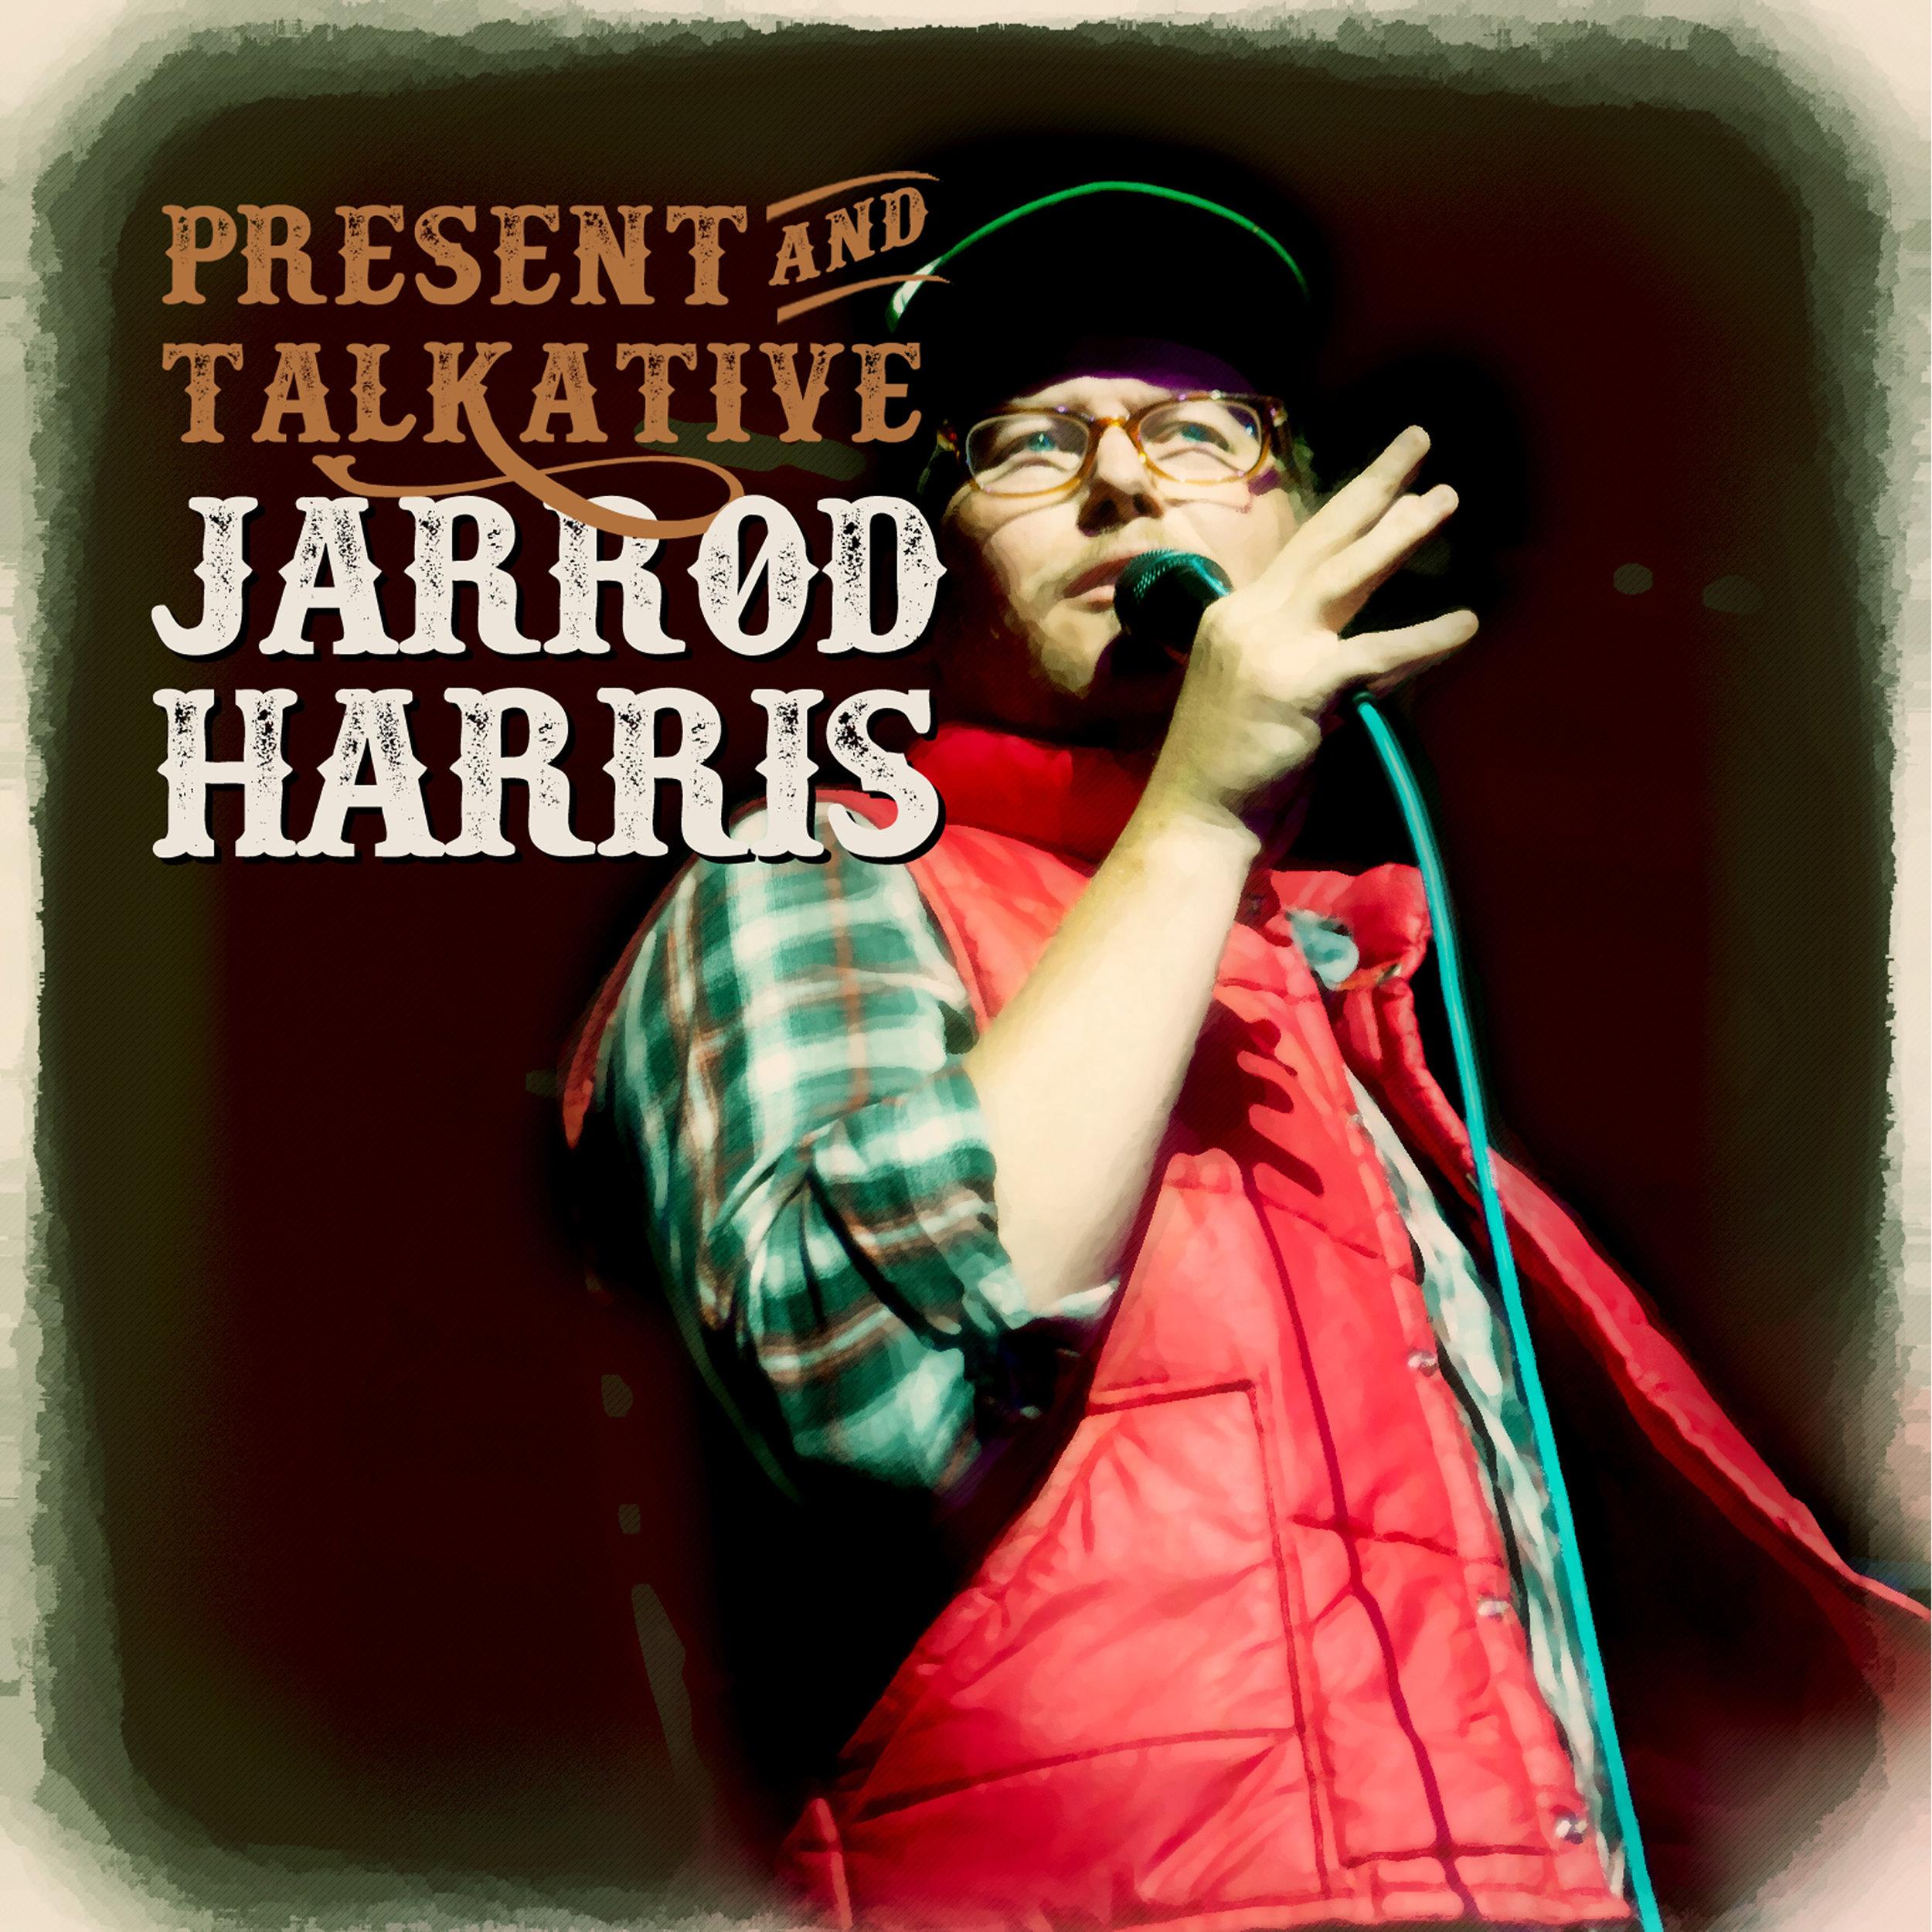 BMH156 - Jarrod Harris - Present & Talkative 3000x3000.jpg